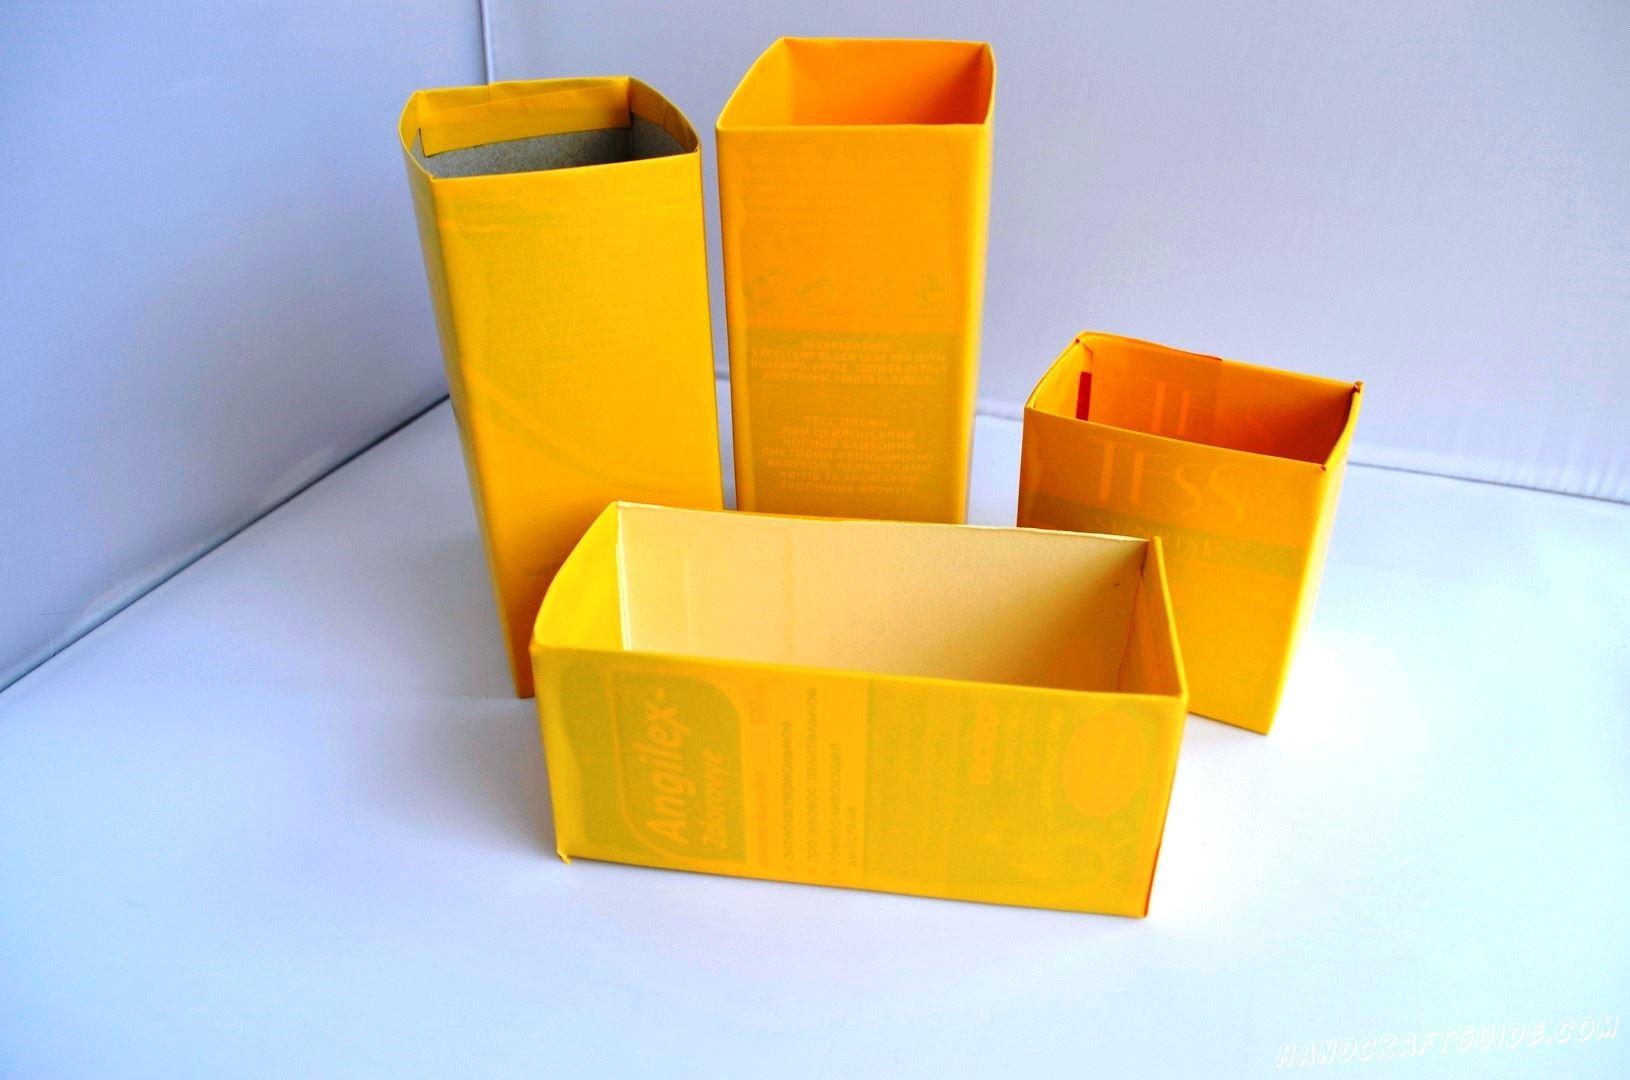 Склеиваем коробочки между собою и украшаем чем вам угодно (пайетки, бусинки, ленточки, мы даже вырезали бумажную бабочку)